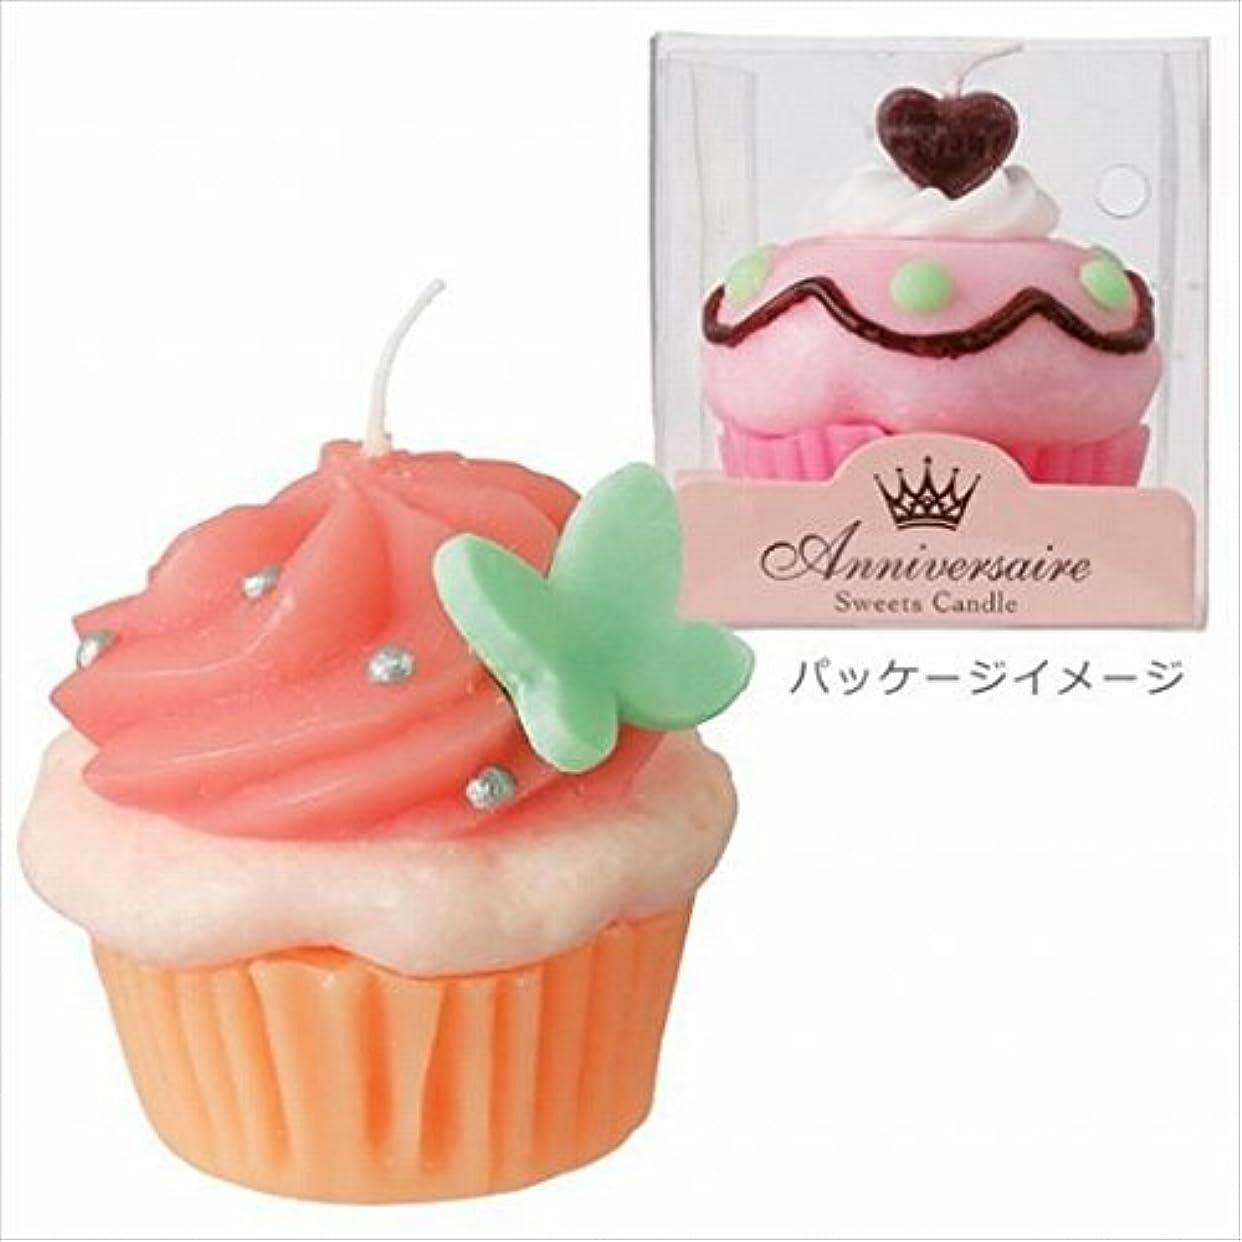 相互接続ちっちゃいすることになっているカメヤマキャンドル( kameyama candle ) カップケーキキャンドル 「 ホイップベリー 」